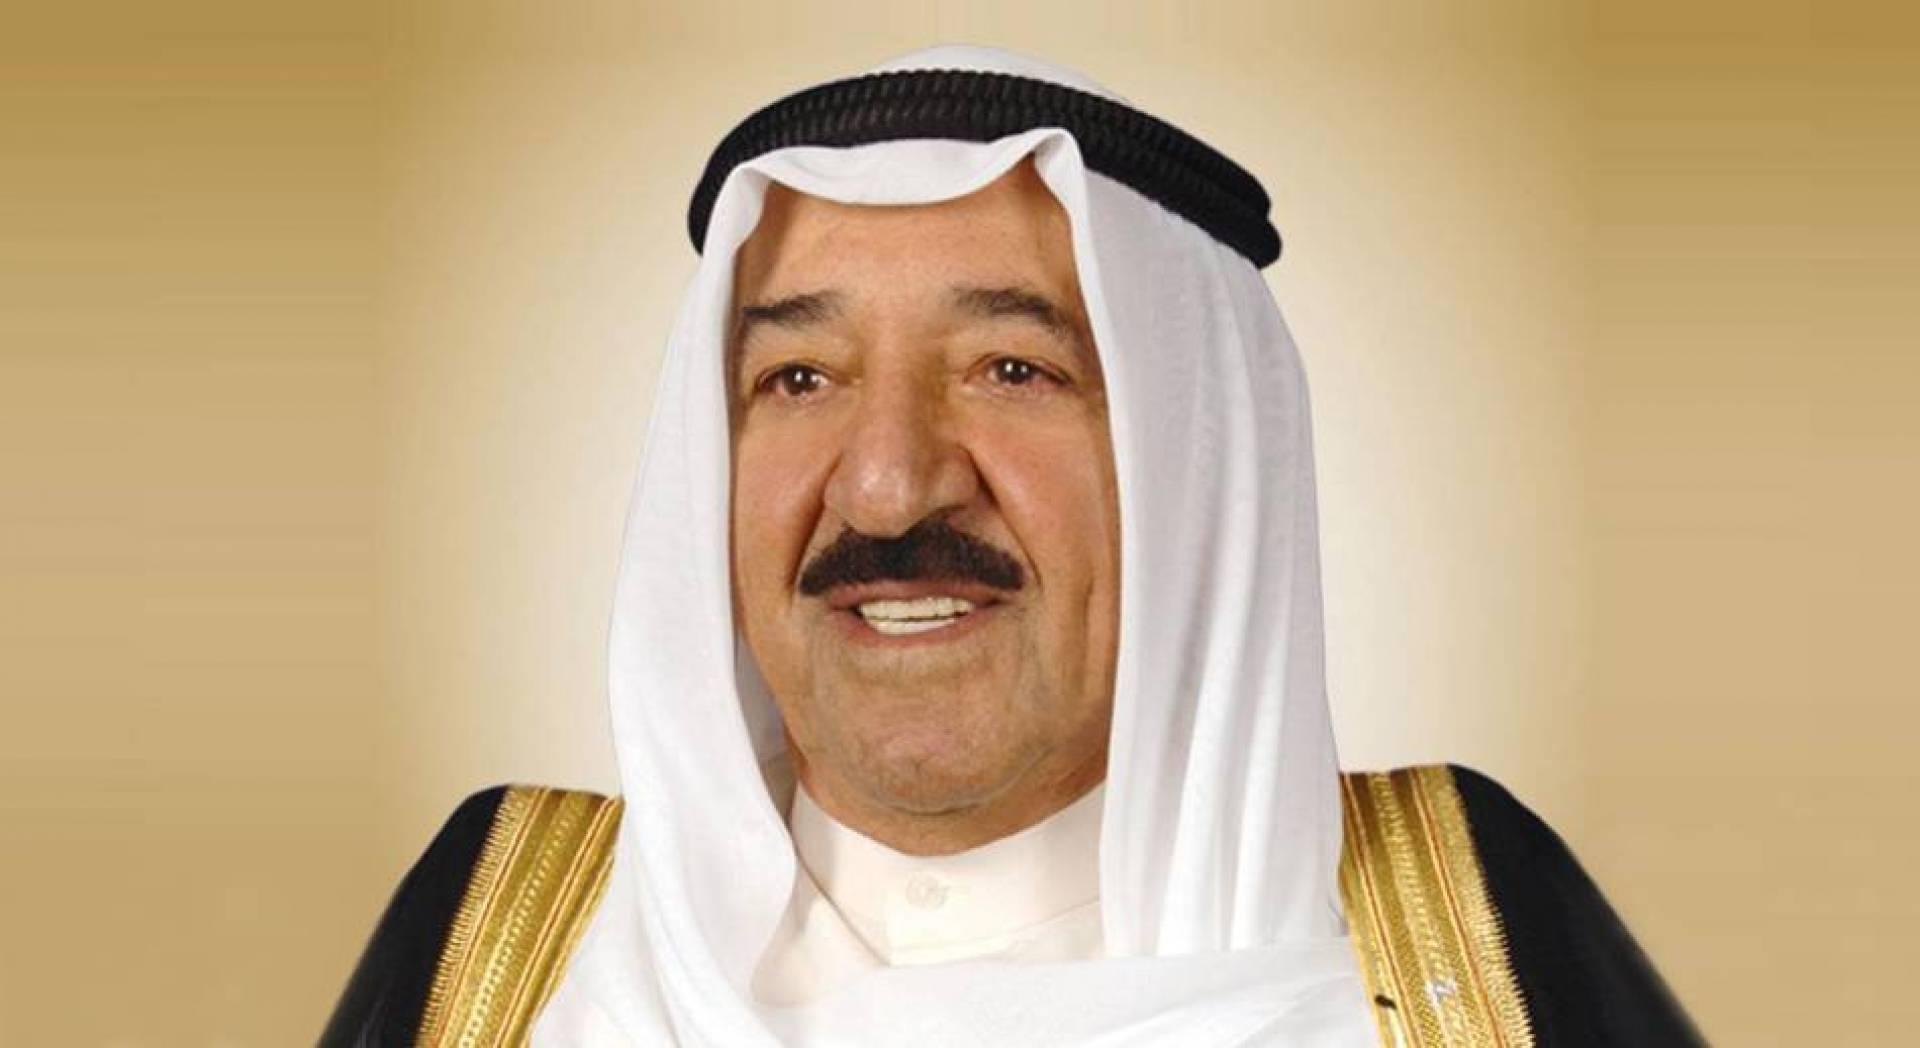 سمو الأمير يوجه كلمة إلى إخوانه وأبنائه المواطنين والمقيمين.. الساعة الثالثة عصراً